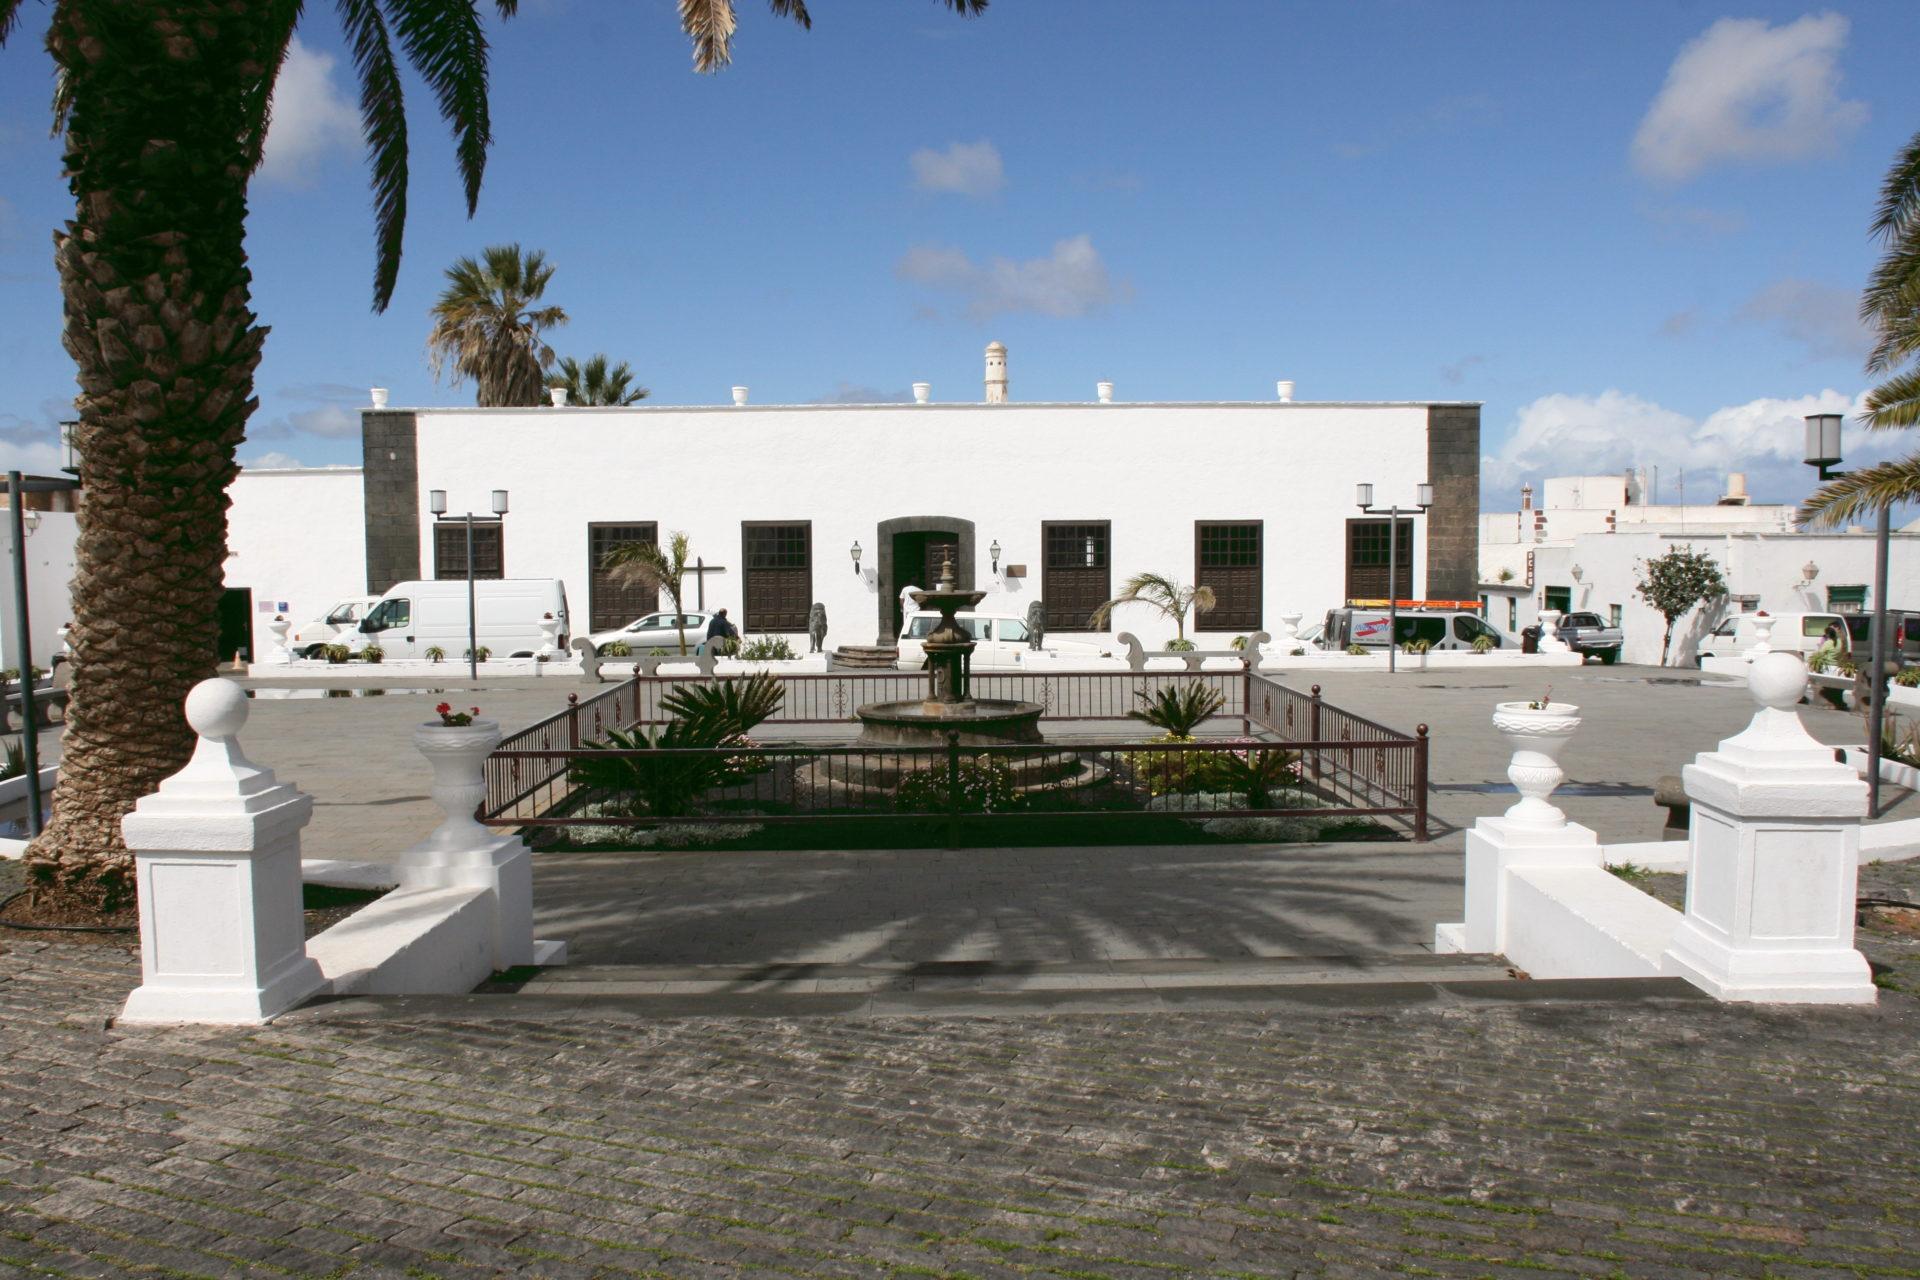 Teguise_Plaza_de_la_Constitución_Casa_Museo_Palacio_Spinola